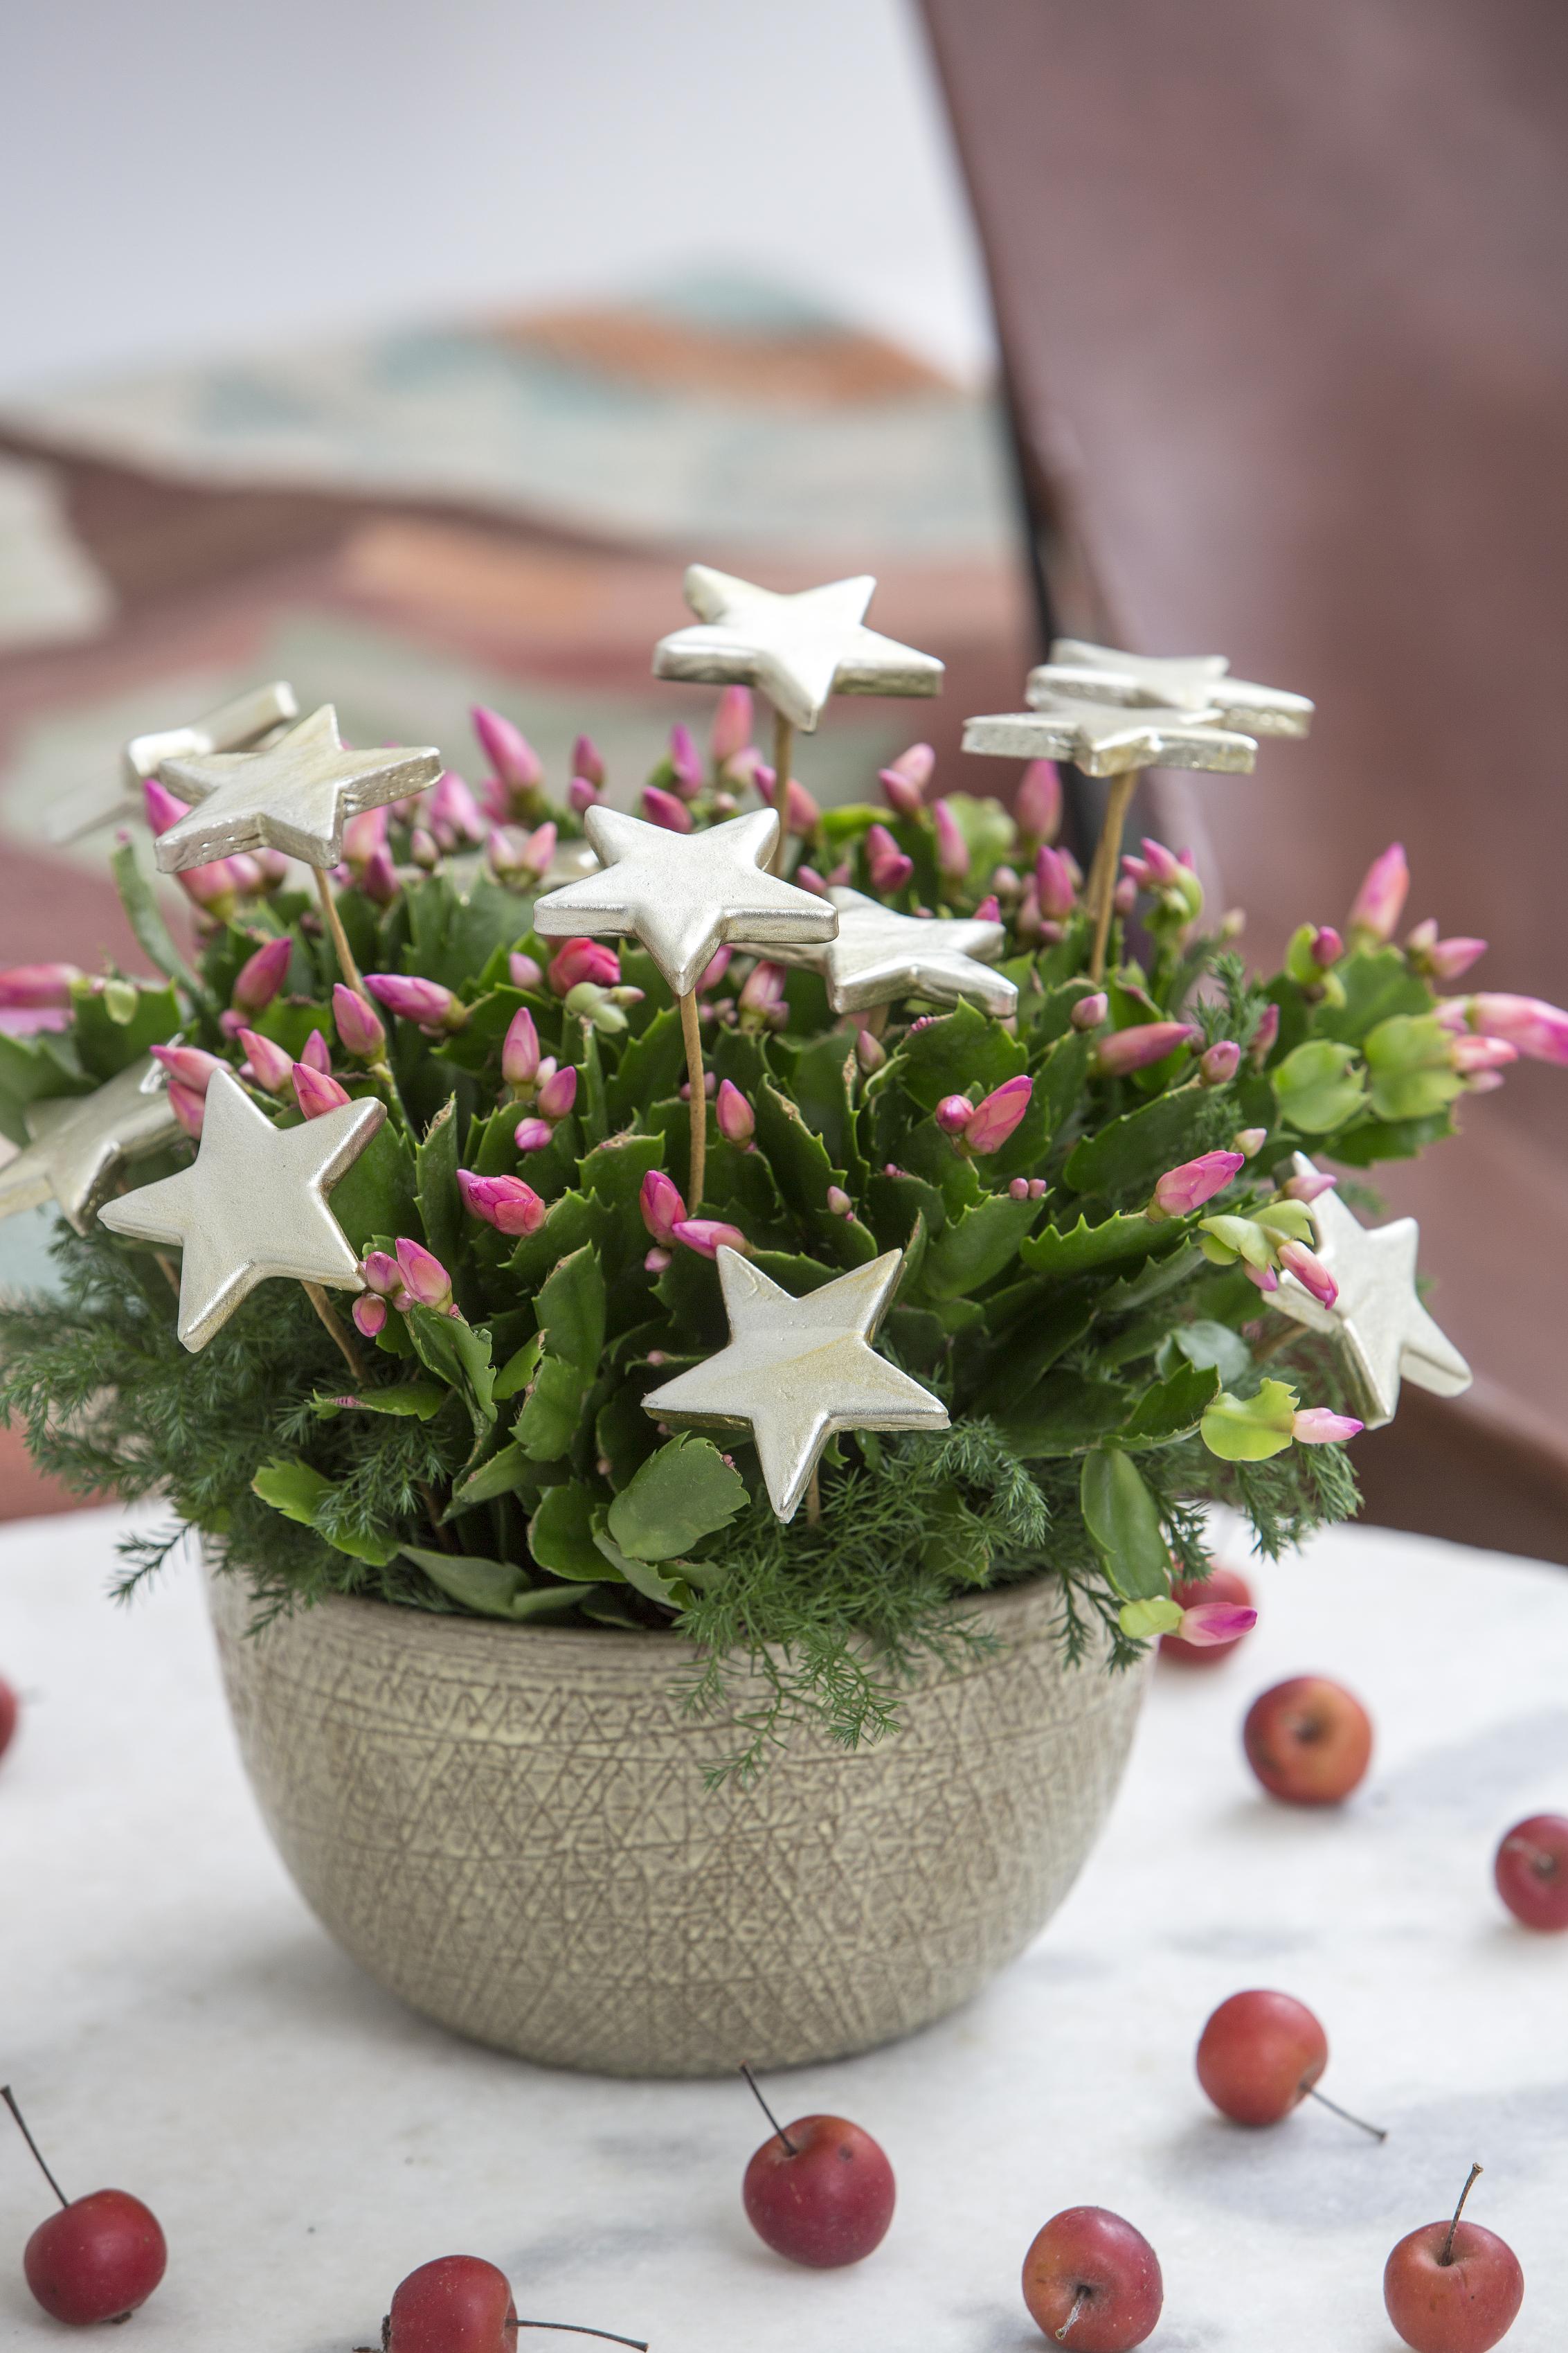 Floradania marketing: julstämning med växter